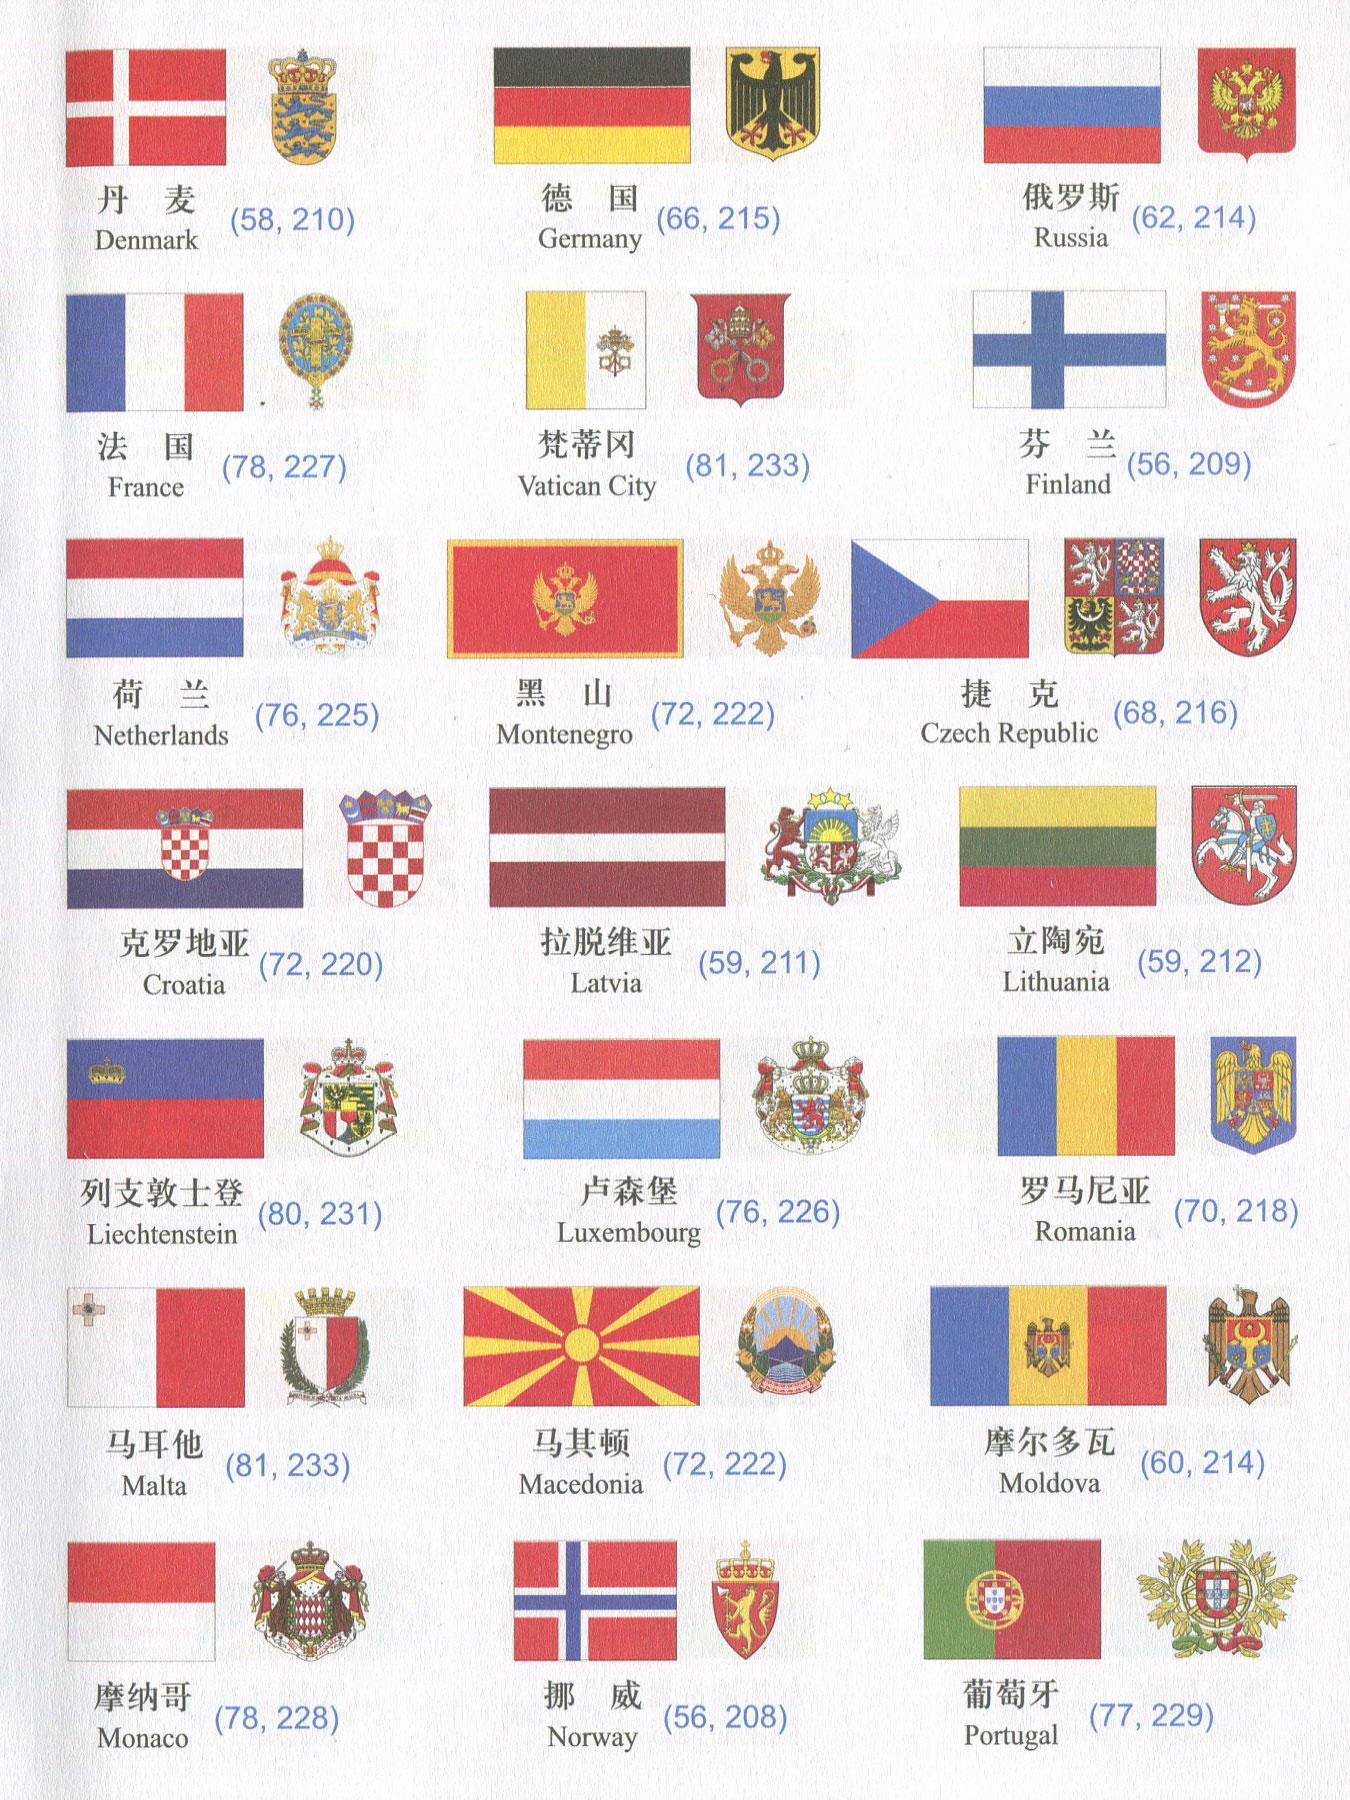 中国国徽_世界各国国旗国徽大全_世界地图地图库_地图窝